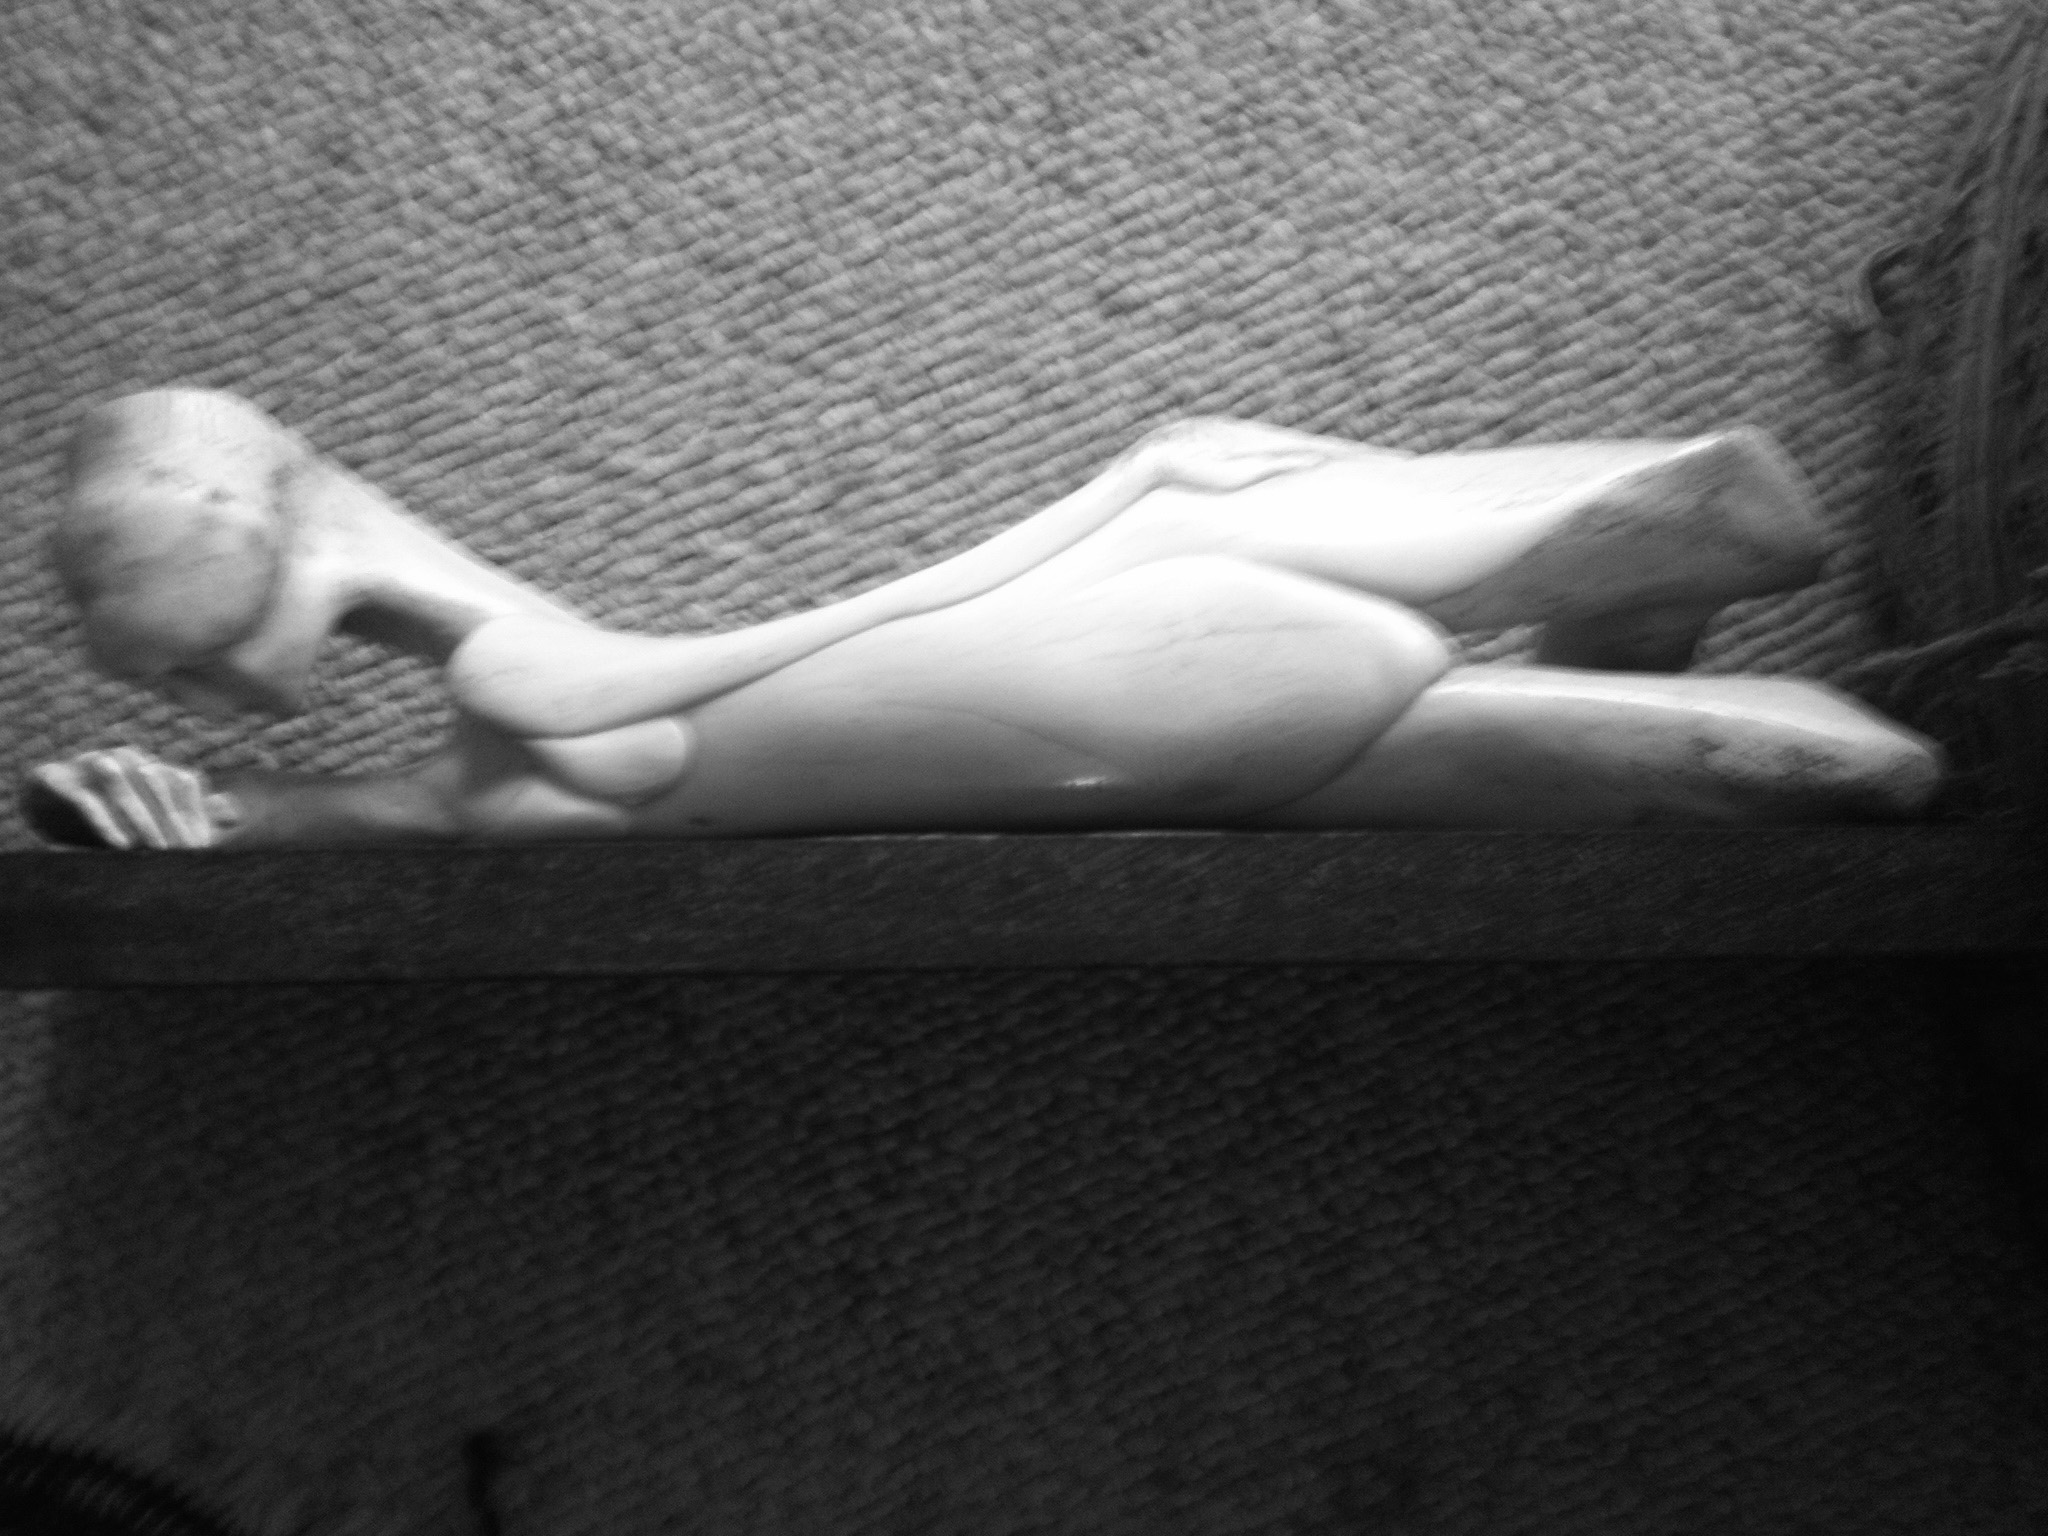 Reclining Nude - Bone Sculpture by Jerry Hardin